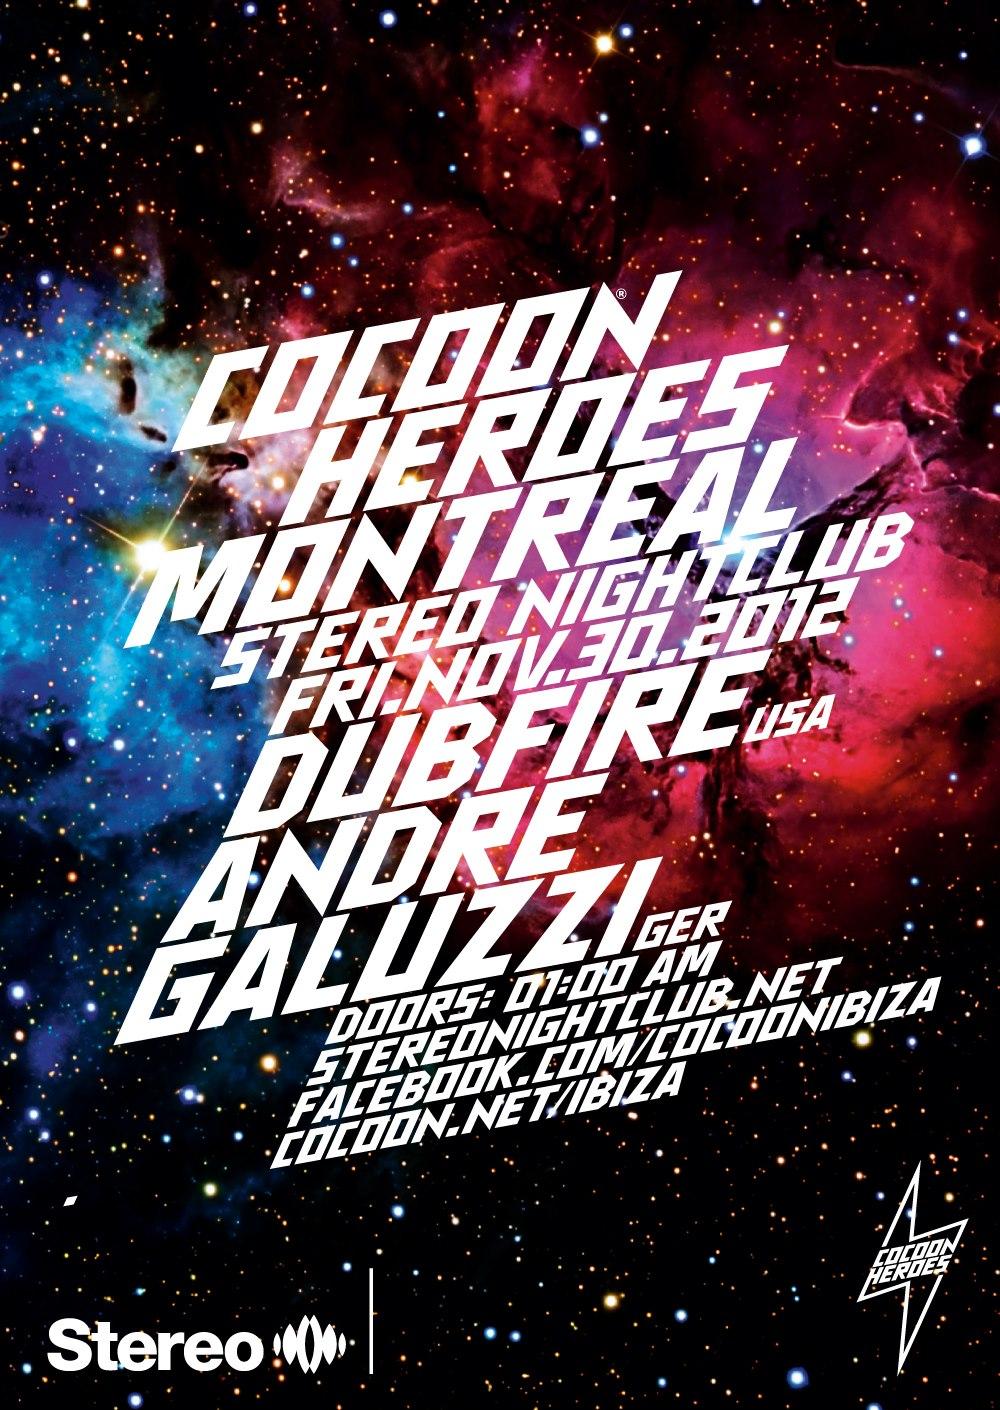 Dubfire Andre Galluzzi Stereo Montreal